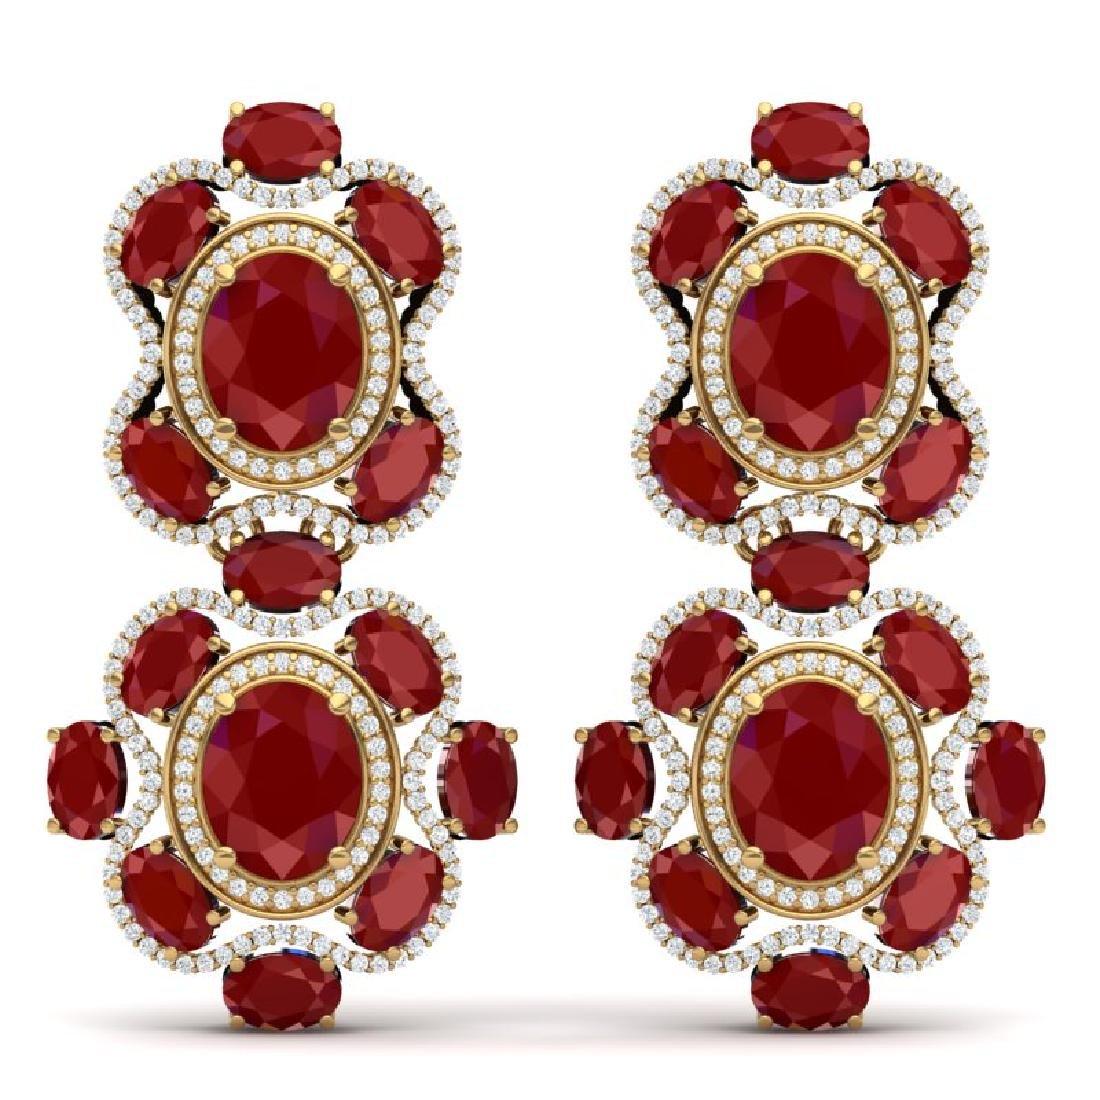 33.5 CTW Royalty Designer Ruby & VS Diamond Earrings